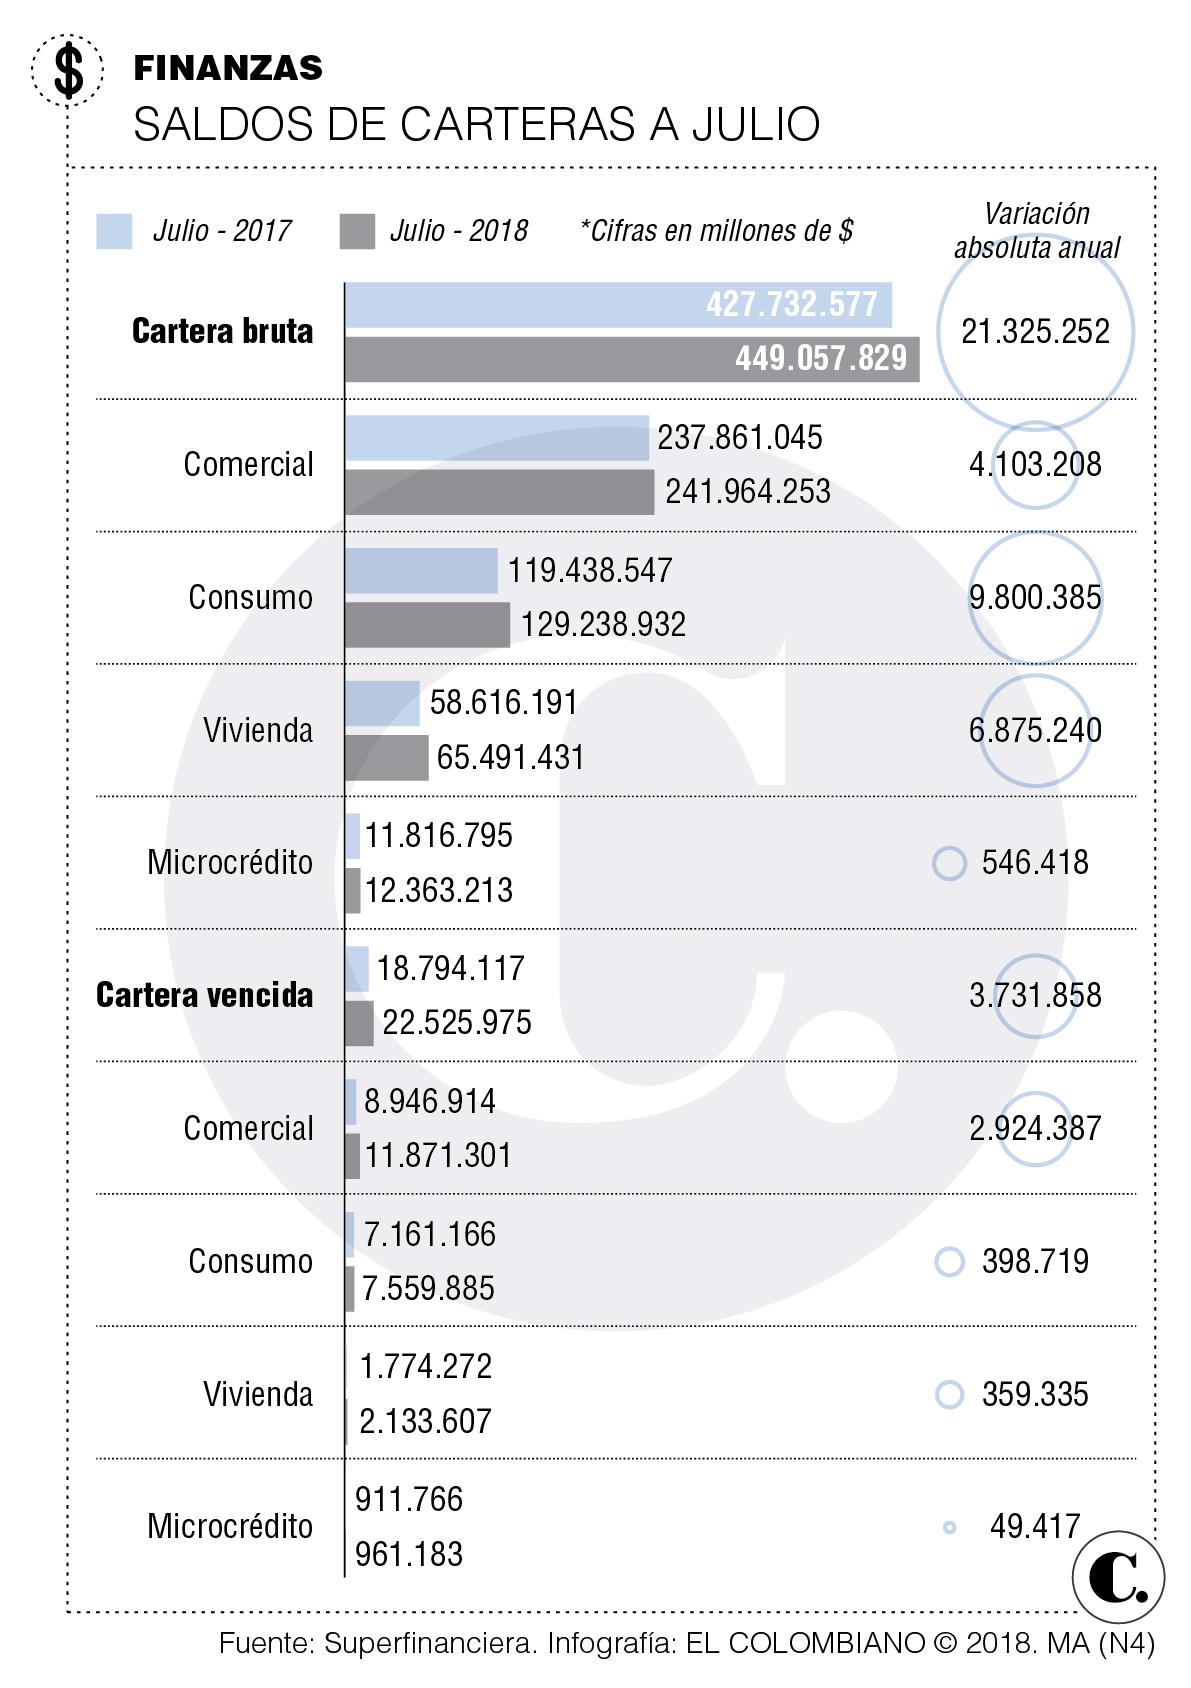 Resultados del sistema financiero de Colombia a julio 2018